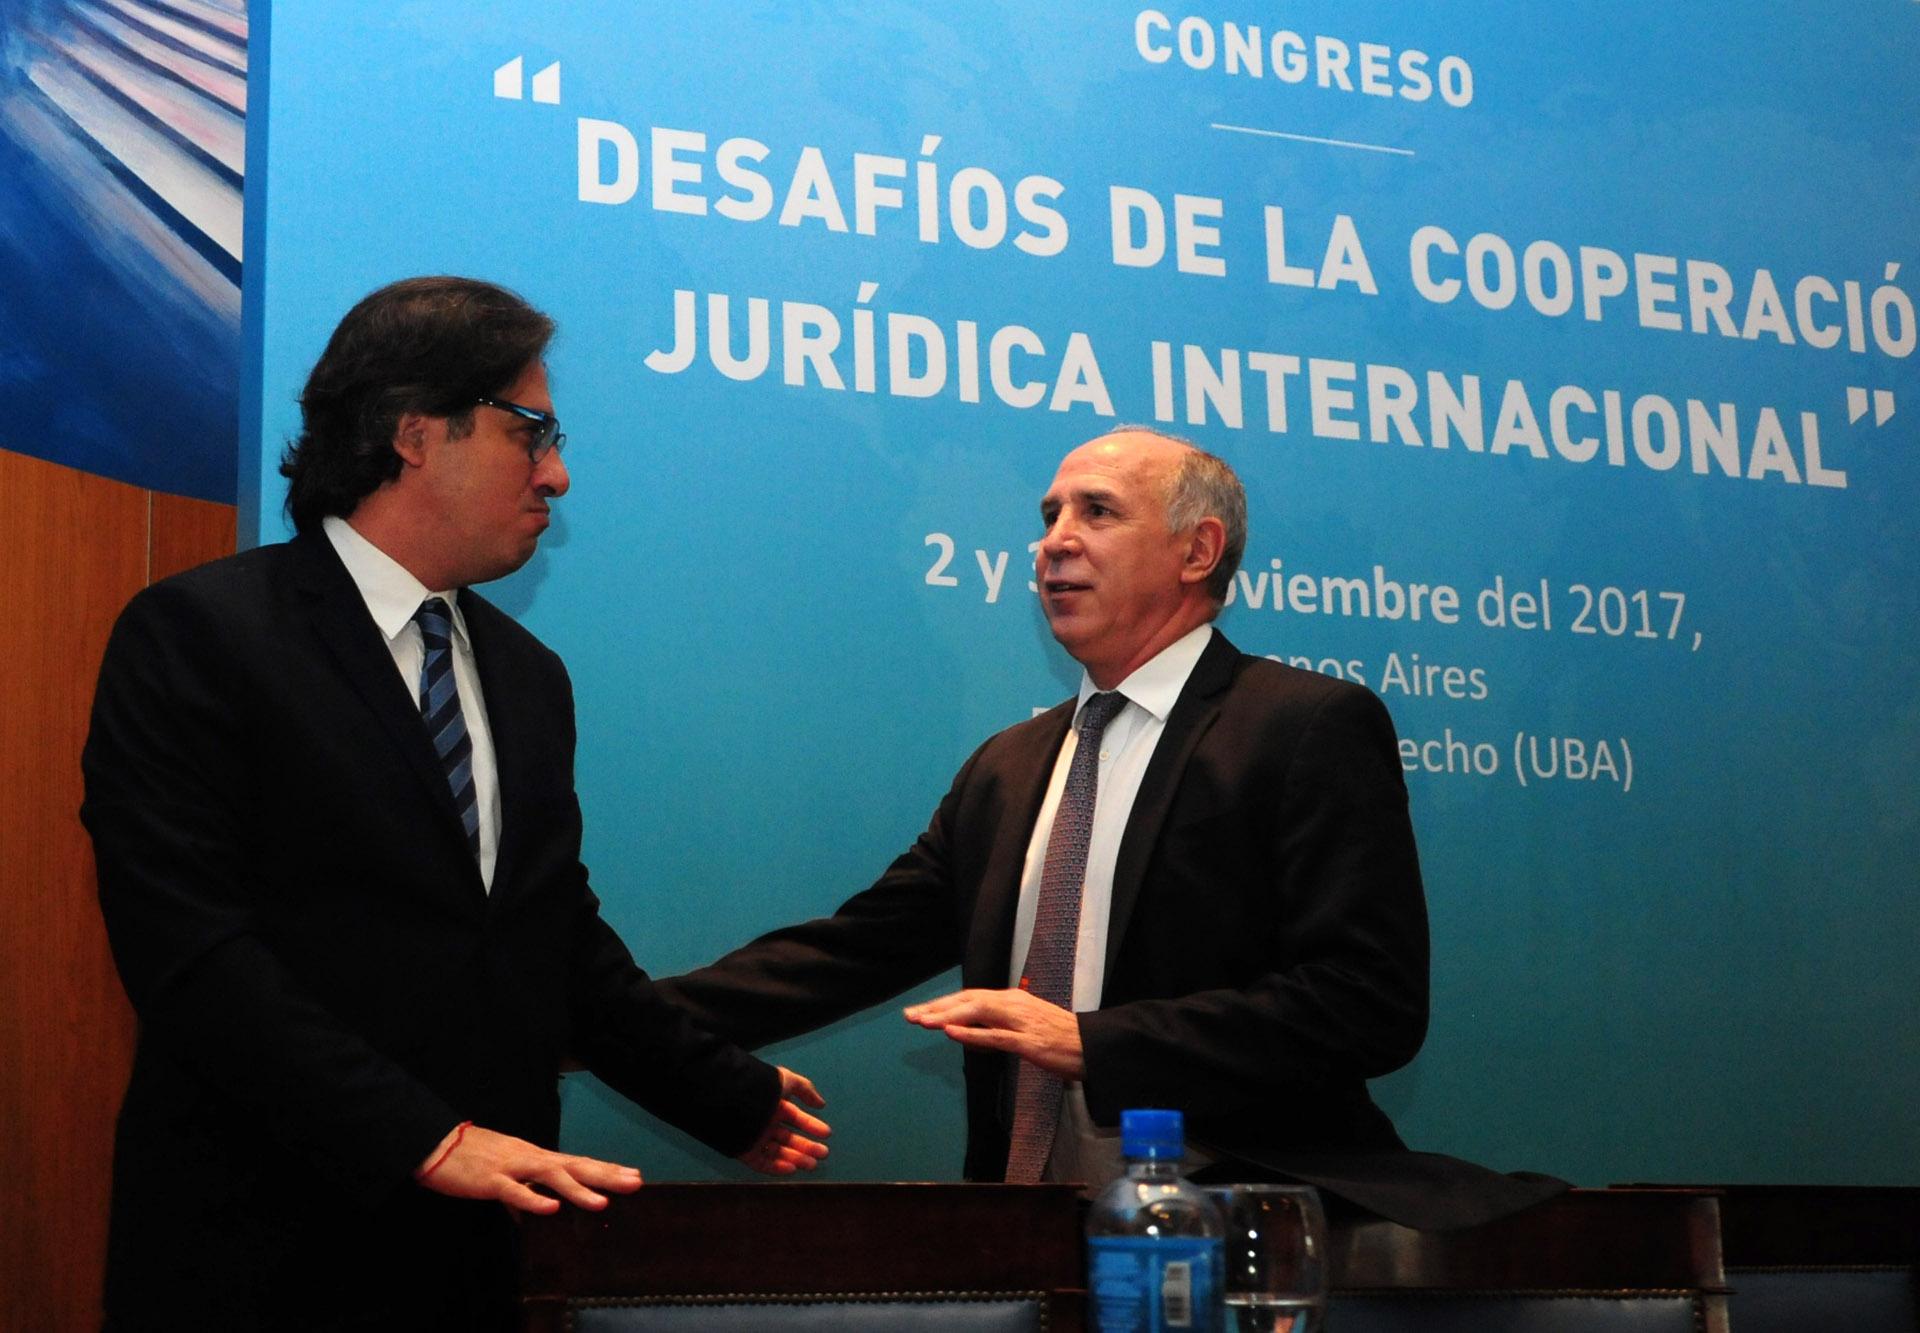 El ministro de Justicia, Germán Garavano, y el presidente de la Suprema Corte de Justicia, Ricardo Lorenzetti (Maximiliano Luna)